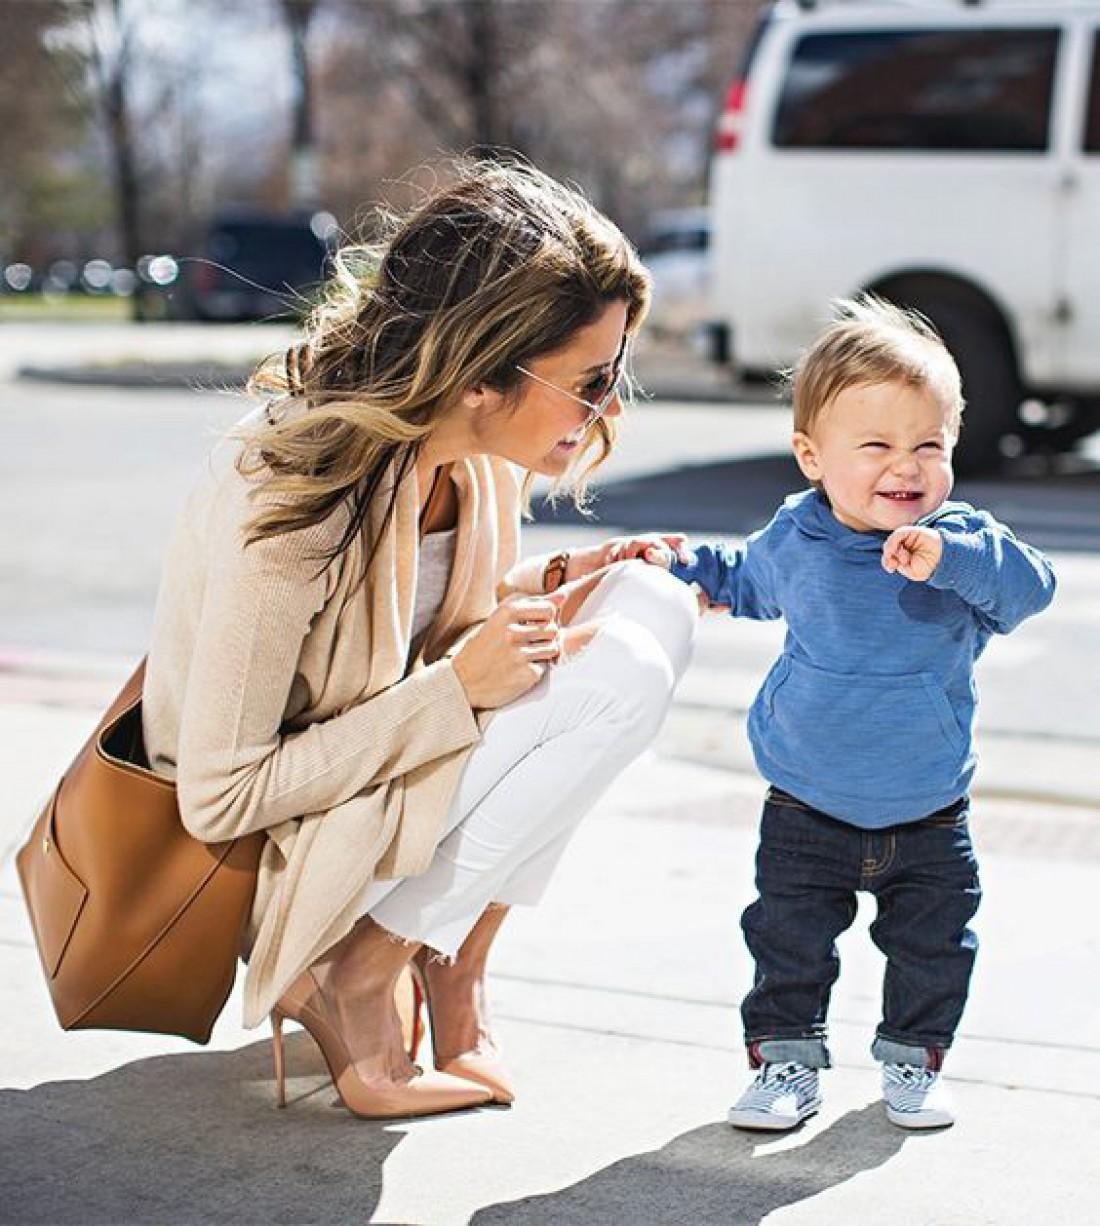 Не всегда стоит откровенничать со своим малышем